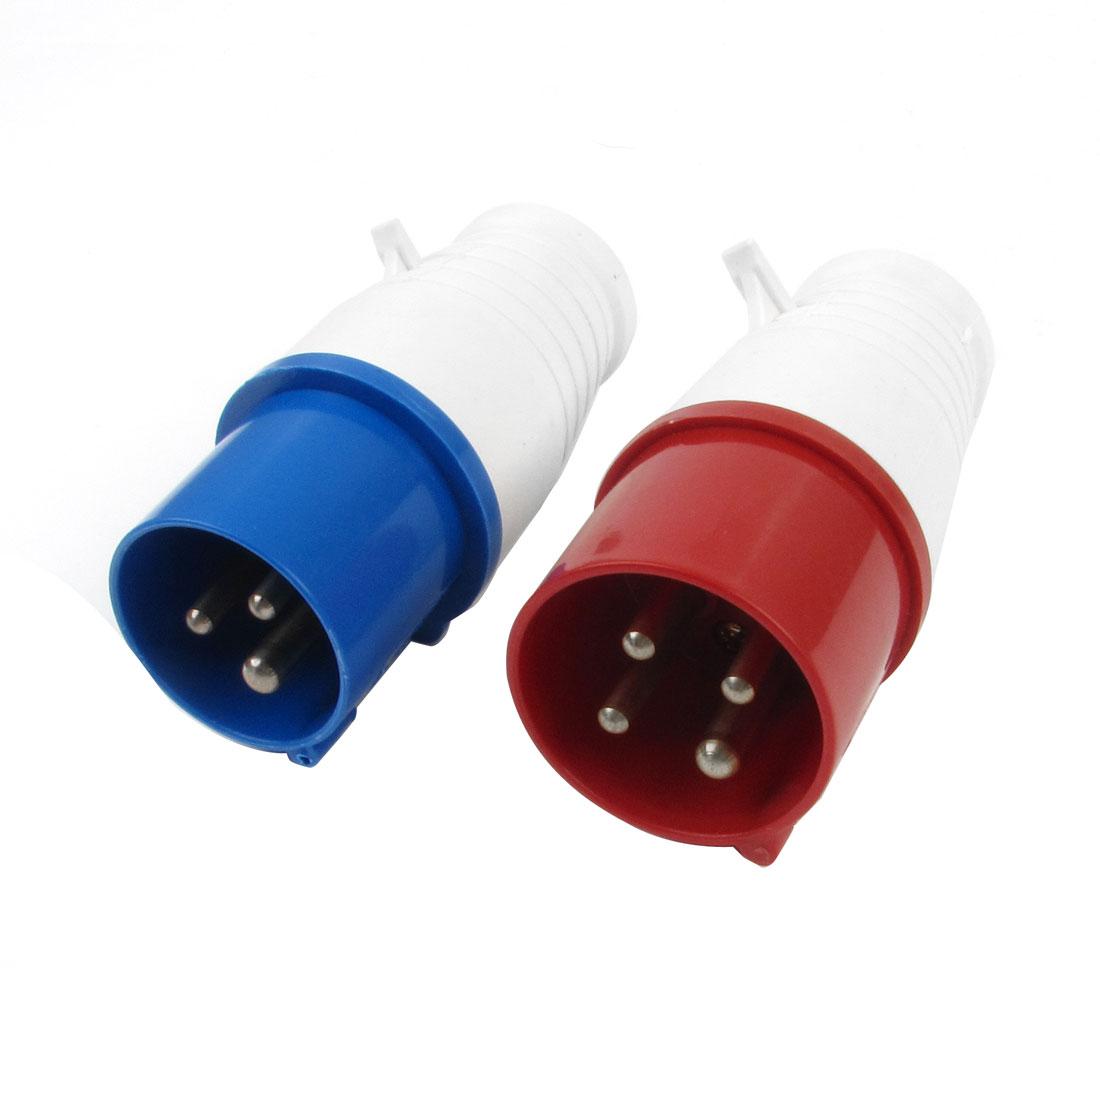 AC 220-250V 32A IP44 2P + E IEC309-2 Industrial Plug Conector White Blue 2 Pcs